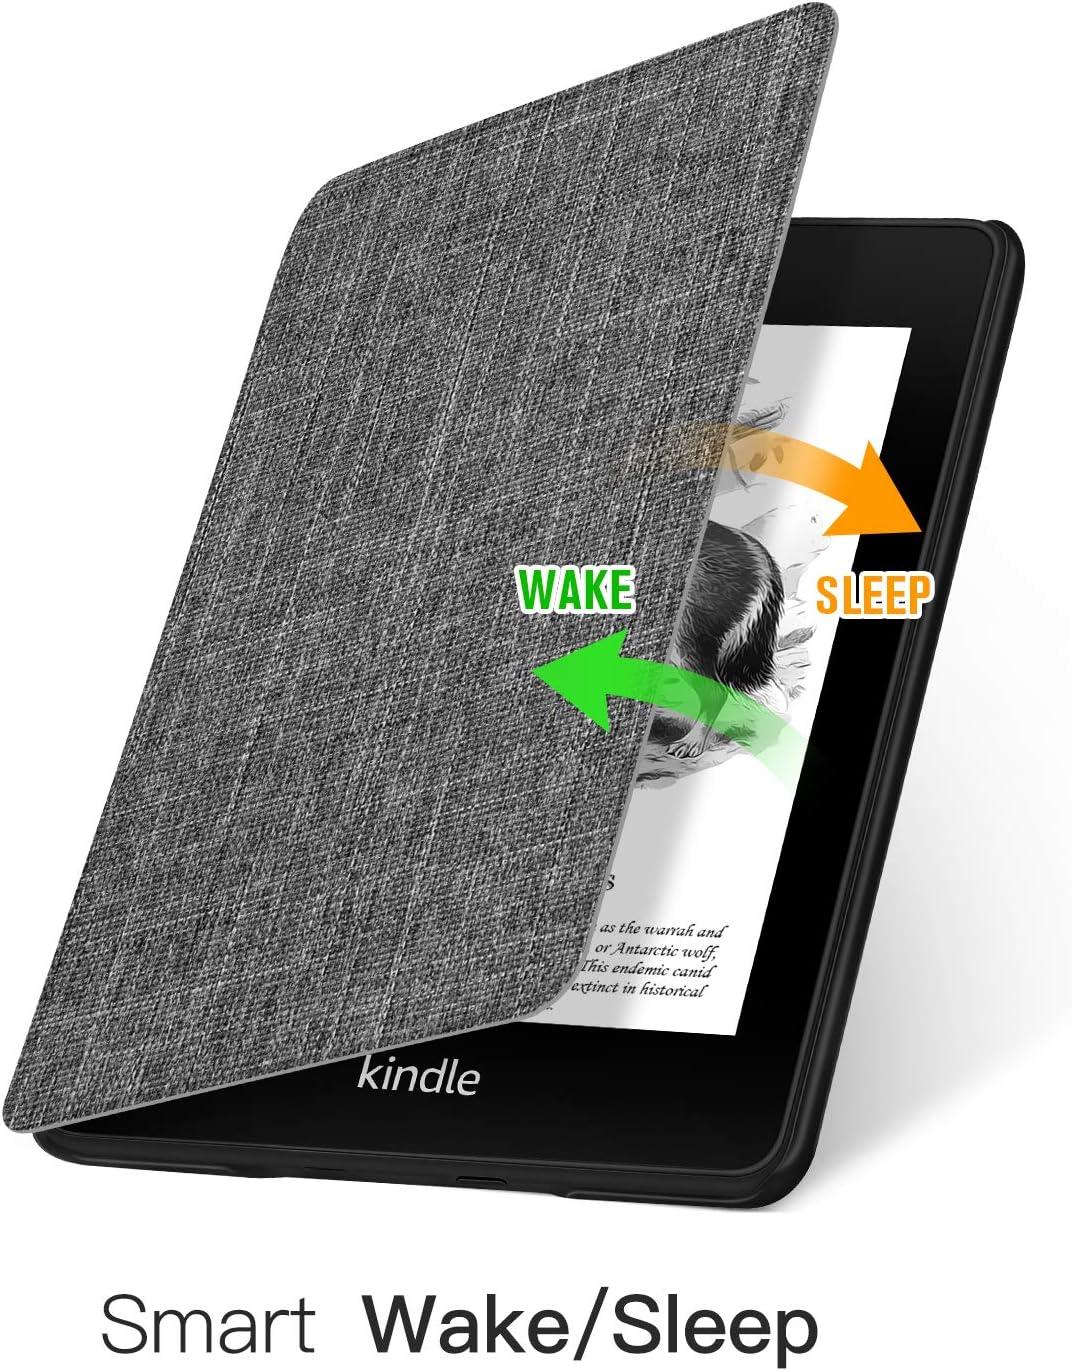 Le Livre de la Nature L/éger et Mince Ayotu Etui en 2019 pour Kindle Compatible avec Le Nouveau Kindle d 10e g/én/ération - 2019 /Étui de Protection Contre Le r/éveil//Veille Automatique